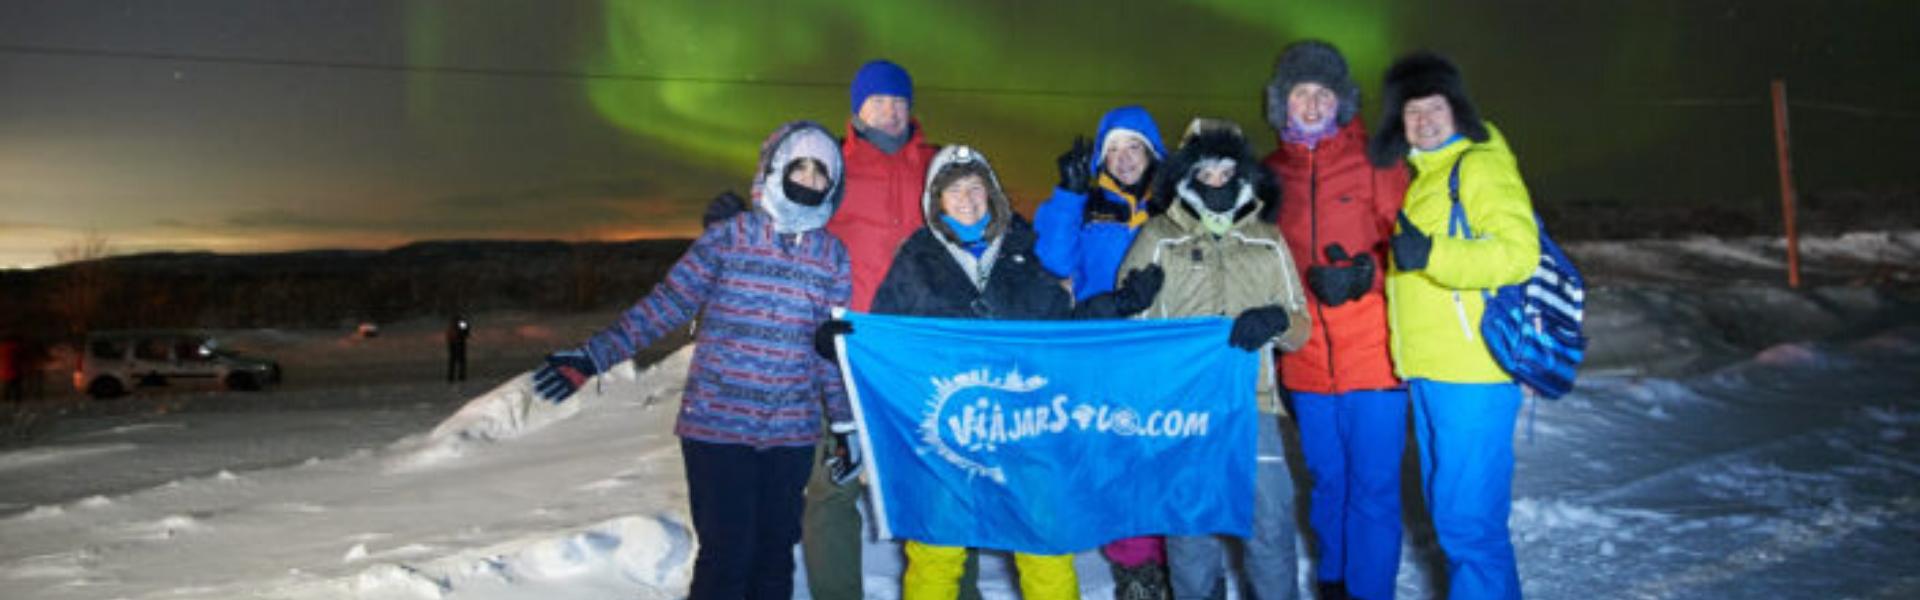 personas y auroras boreales de fondo